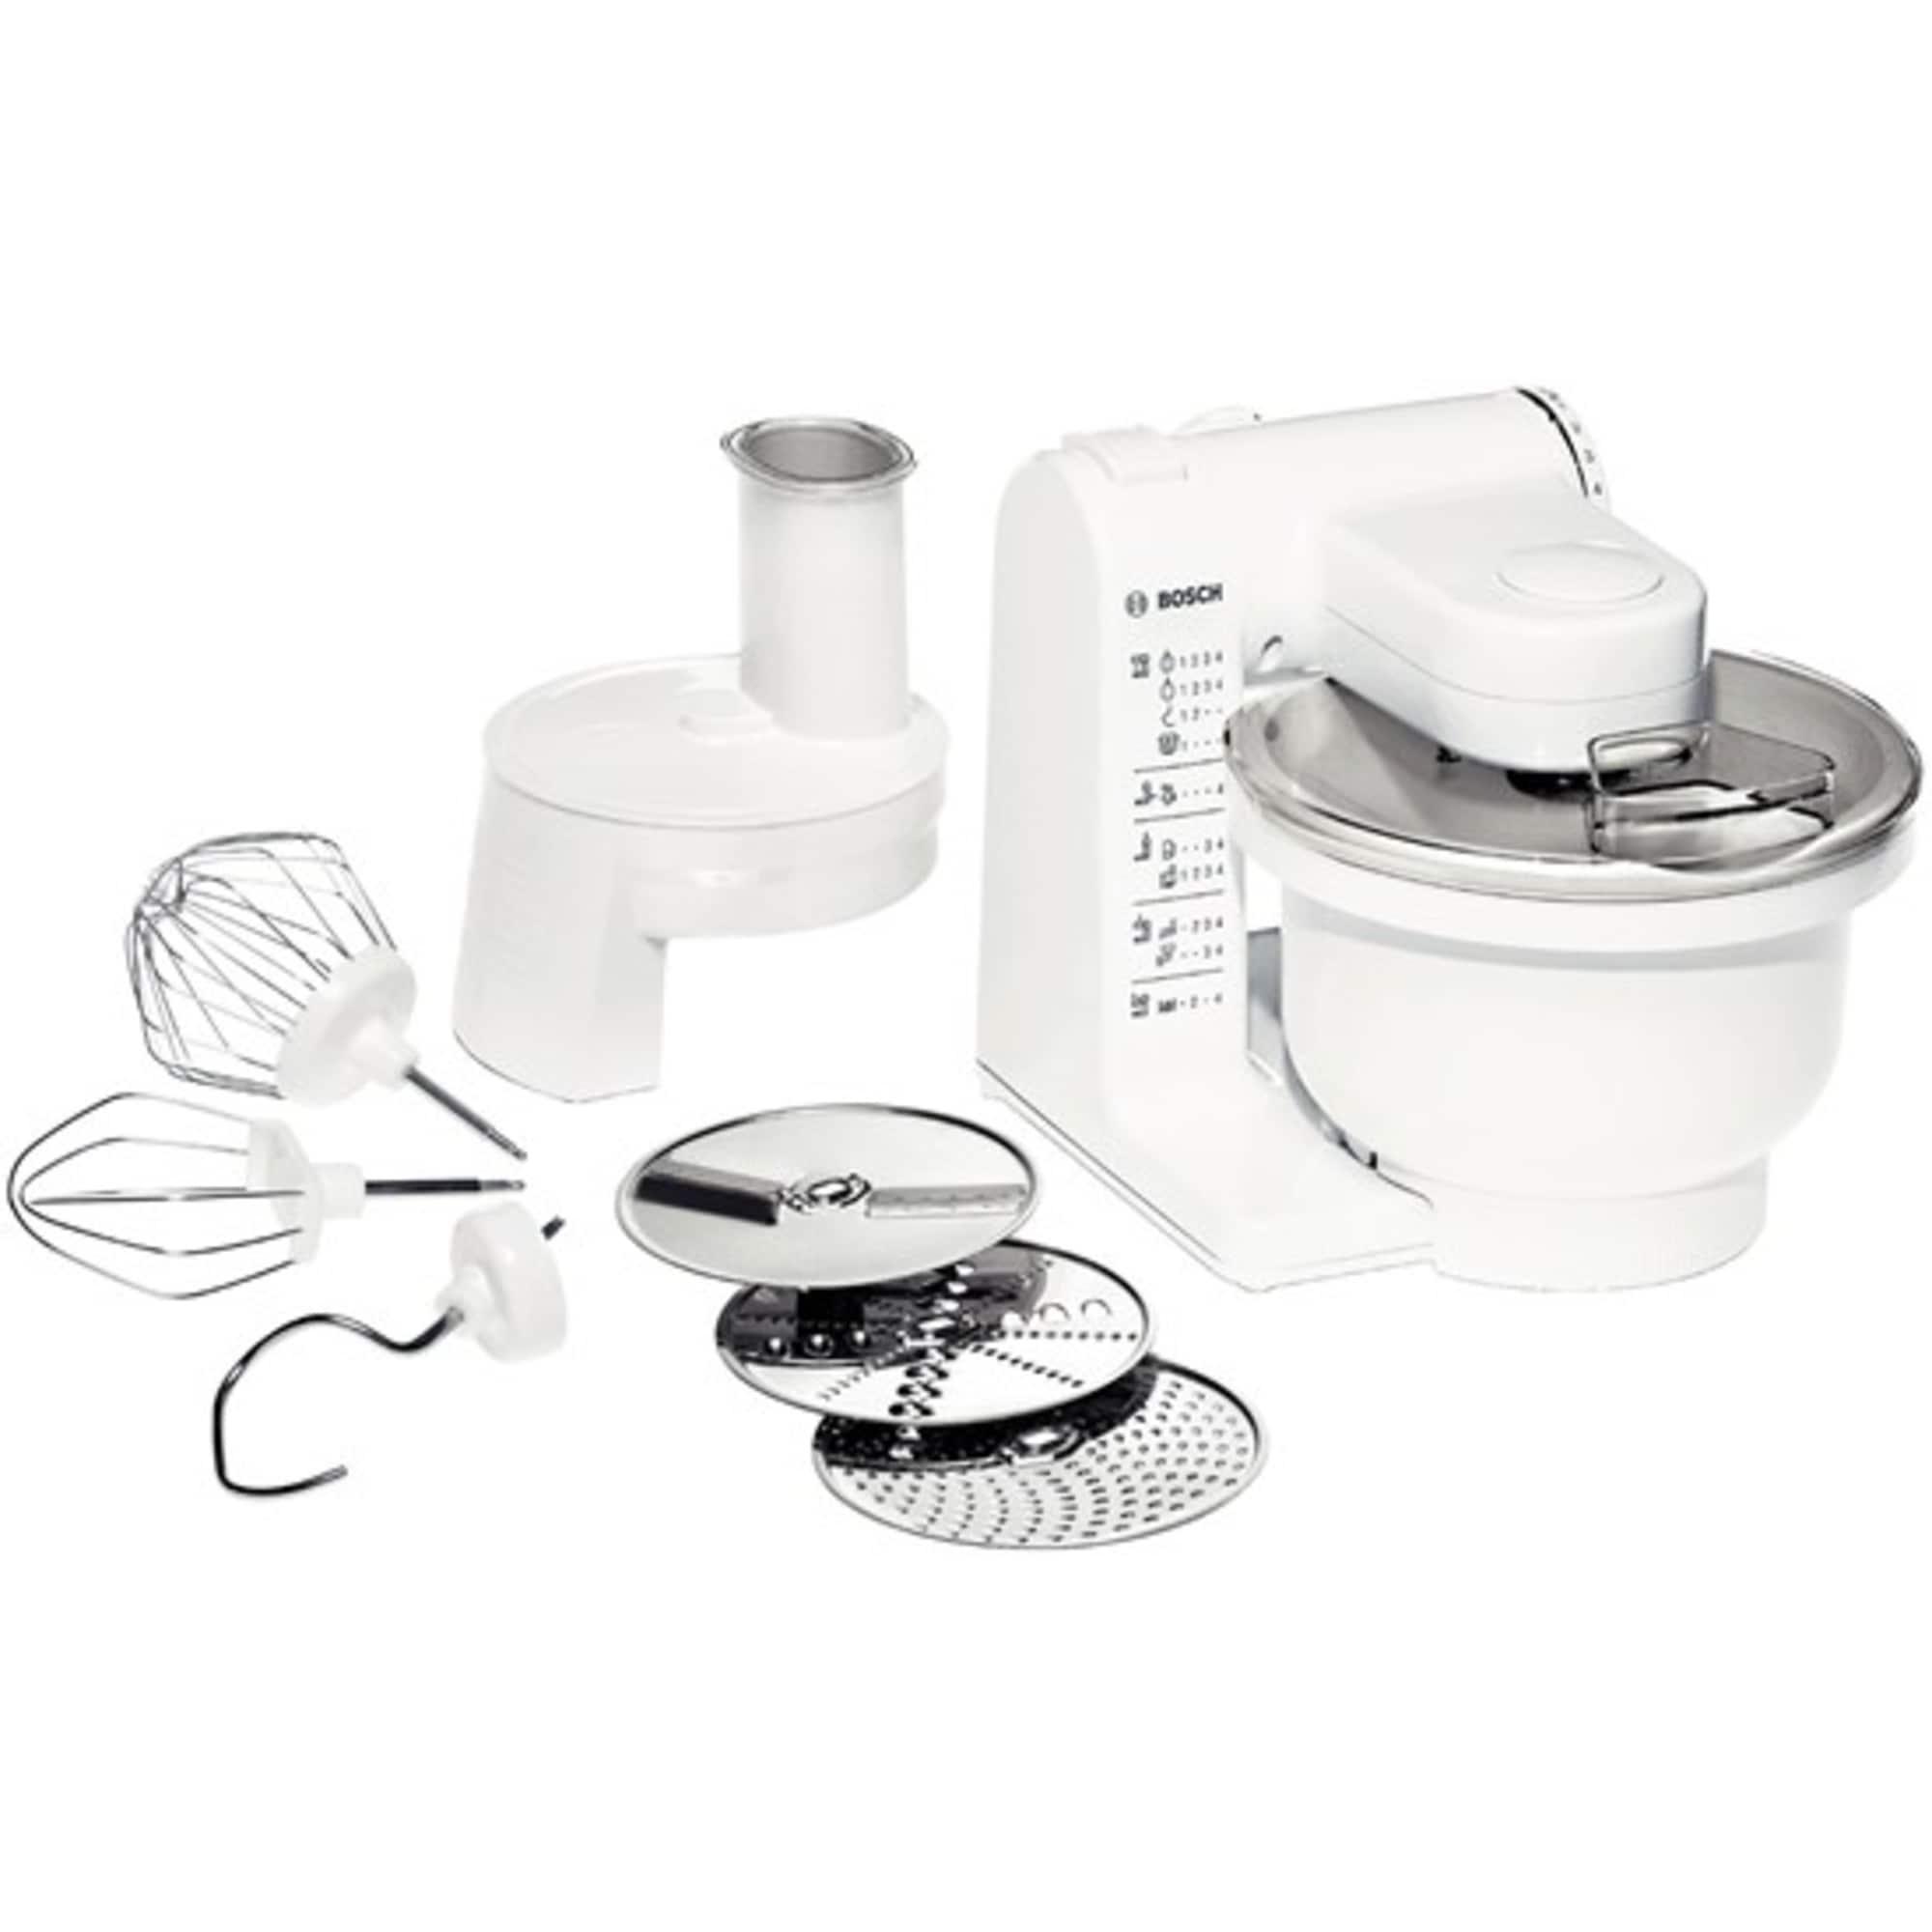 Bosch Küchenmaschine MUM4426